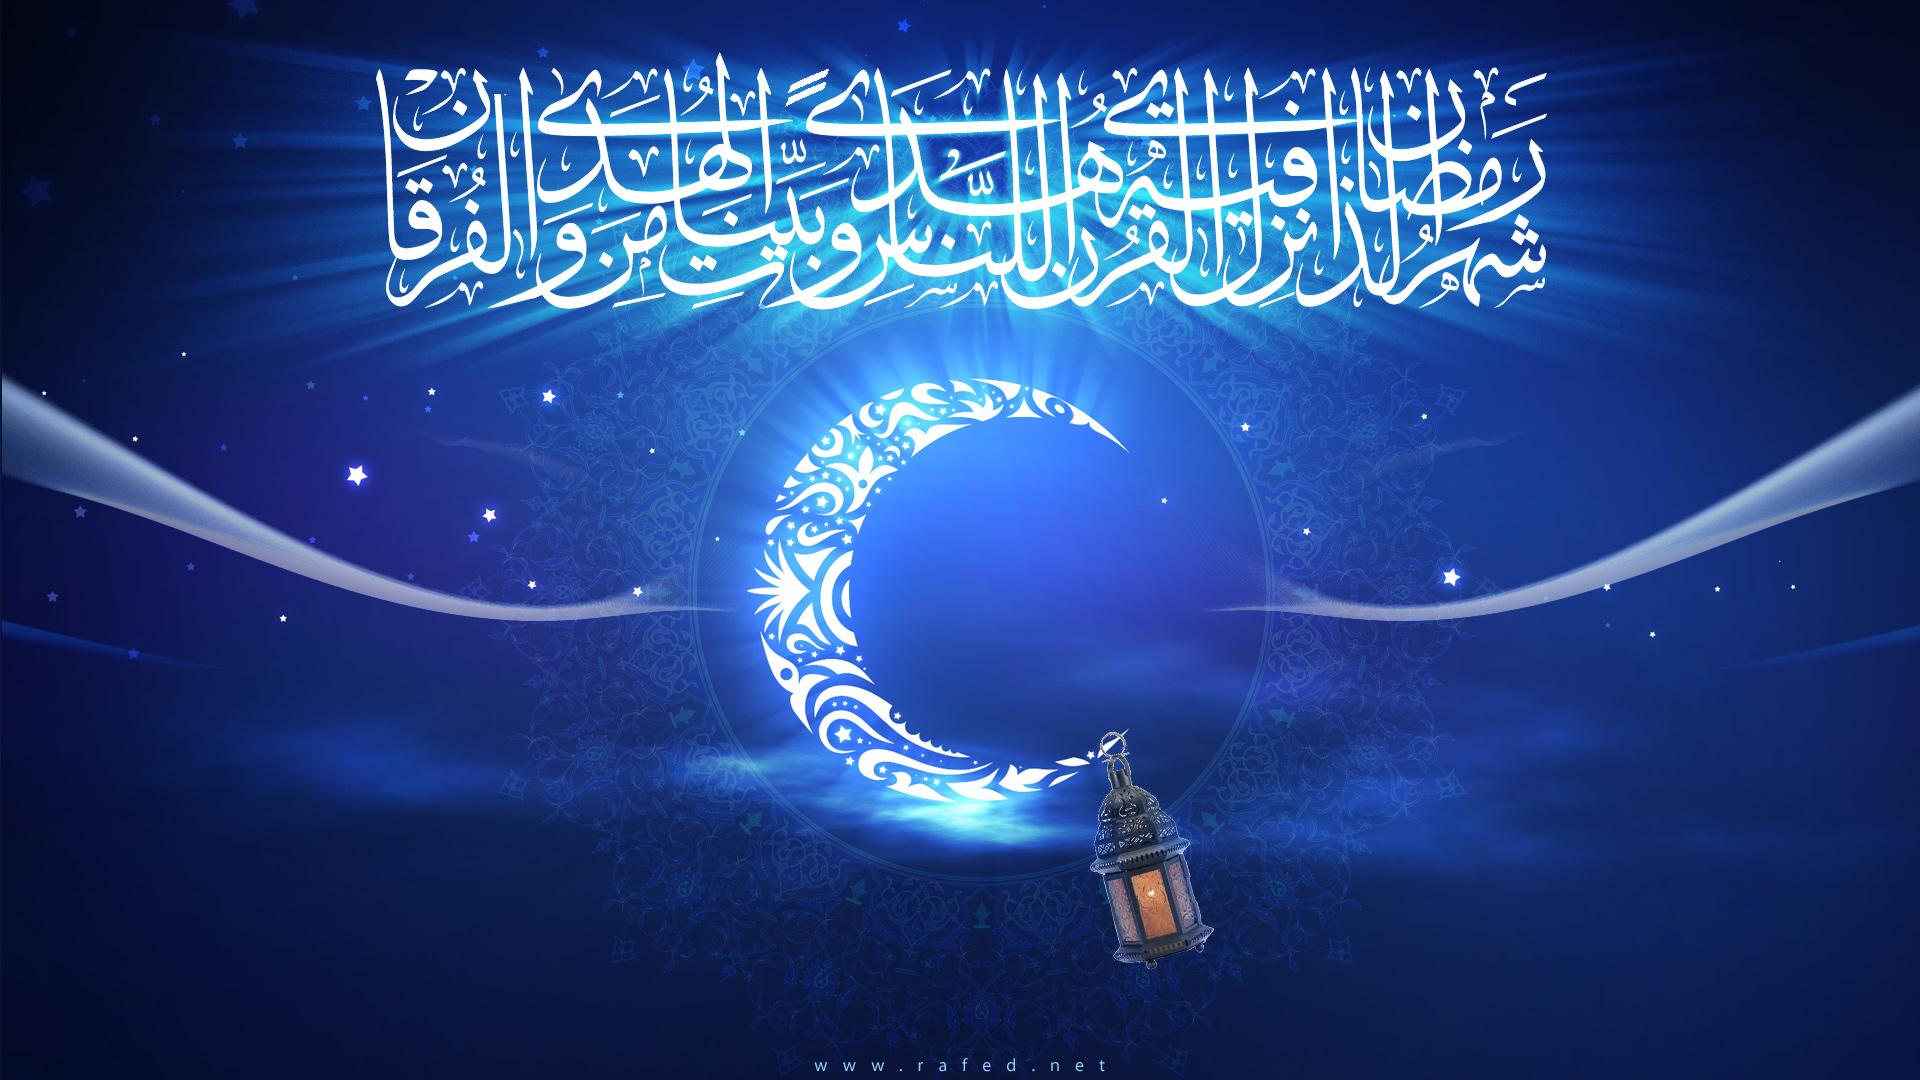 ماه رمضان | بهترین فرصت برای بندگی